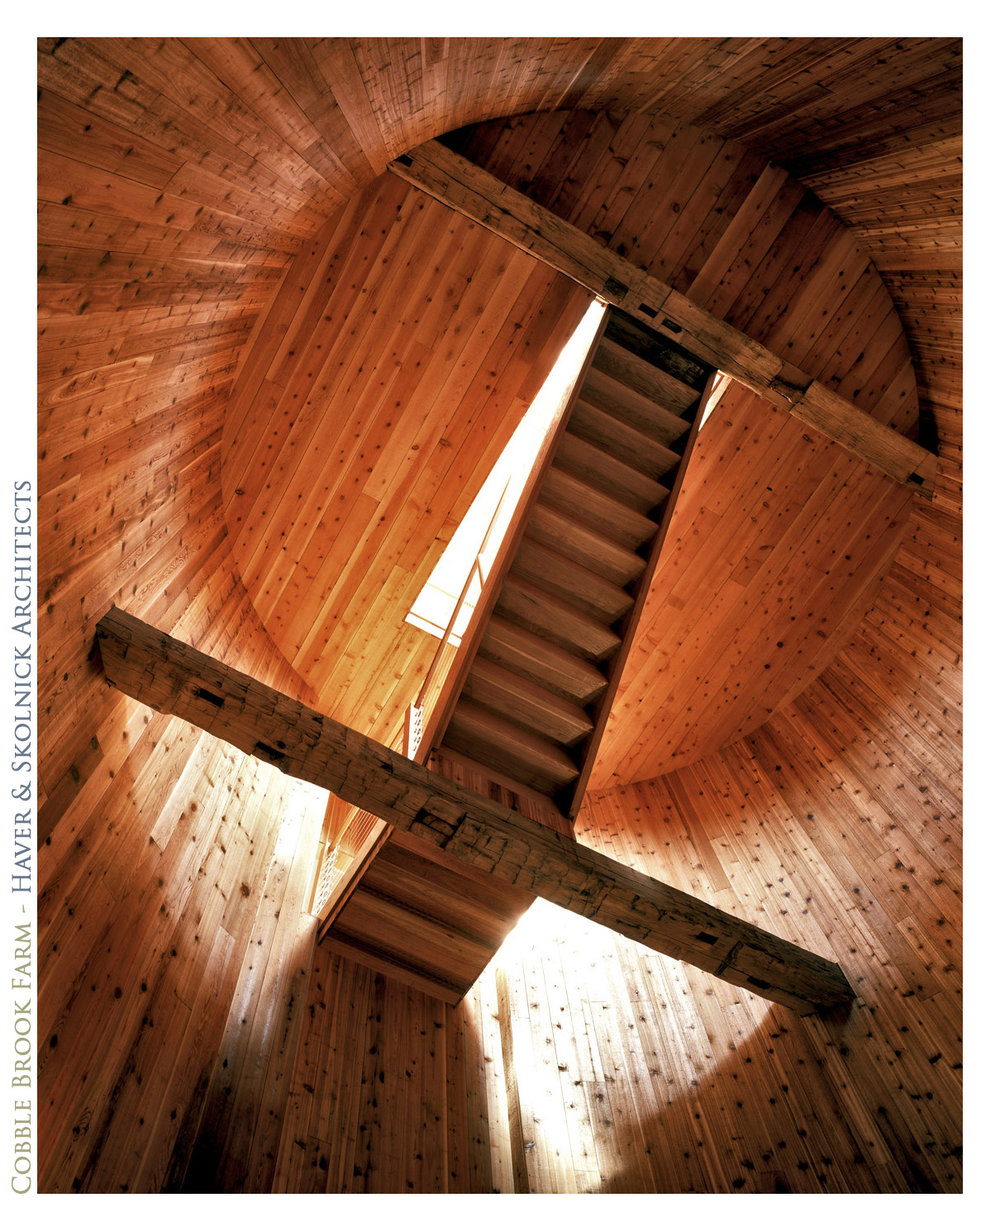 047_Robert-Benson-Photography-Residential-Haver-Skolnick-Stairs-7.JPG